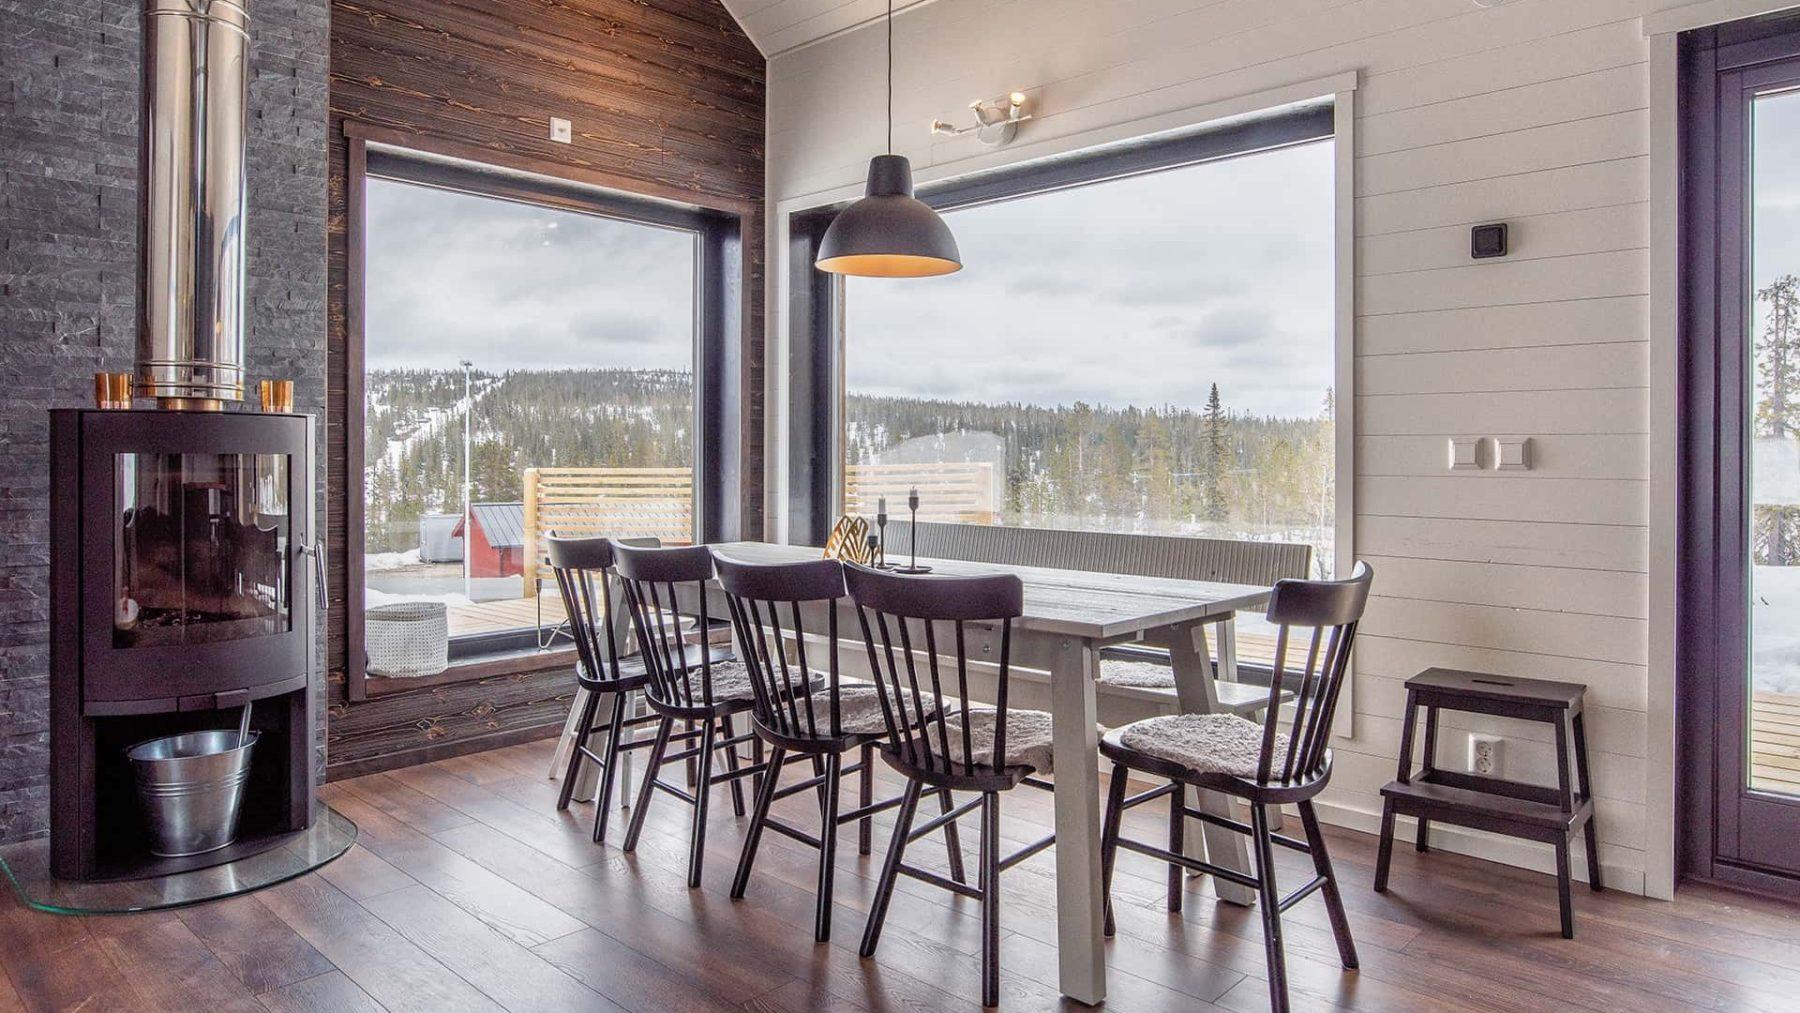 Интериорен Дизайн на Къща | Klövsjö 5:437 & 5:438, Швеция